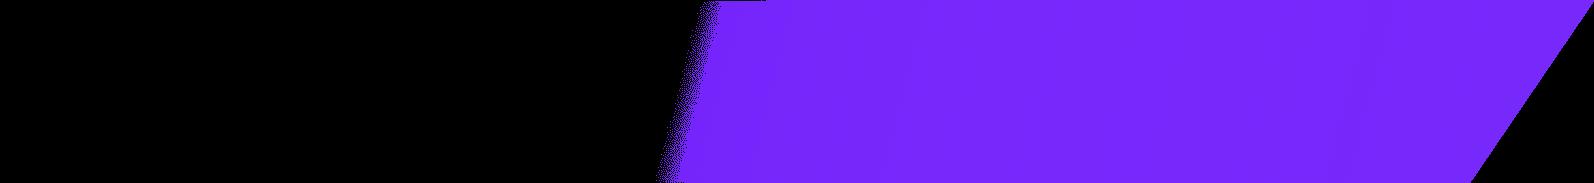 Diagonal que representa rapidez y fluidez